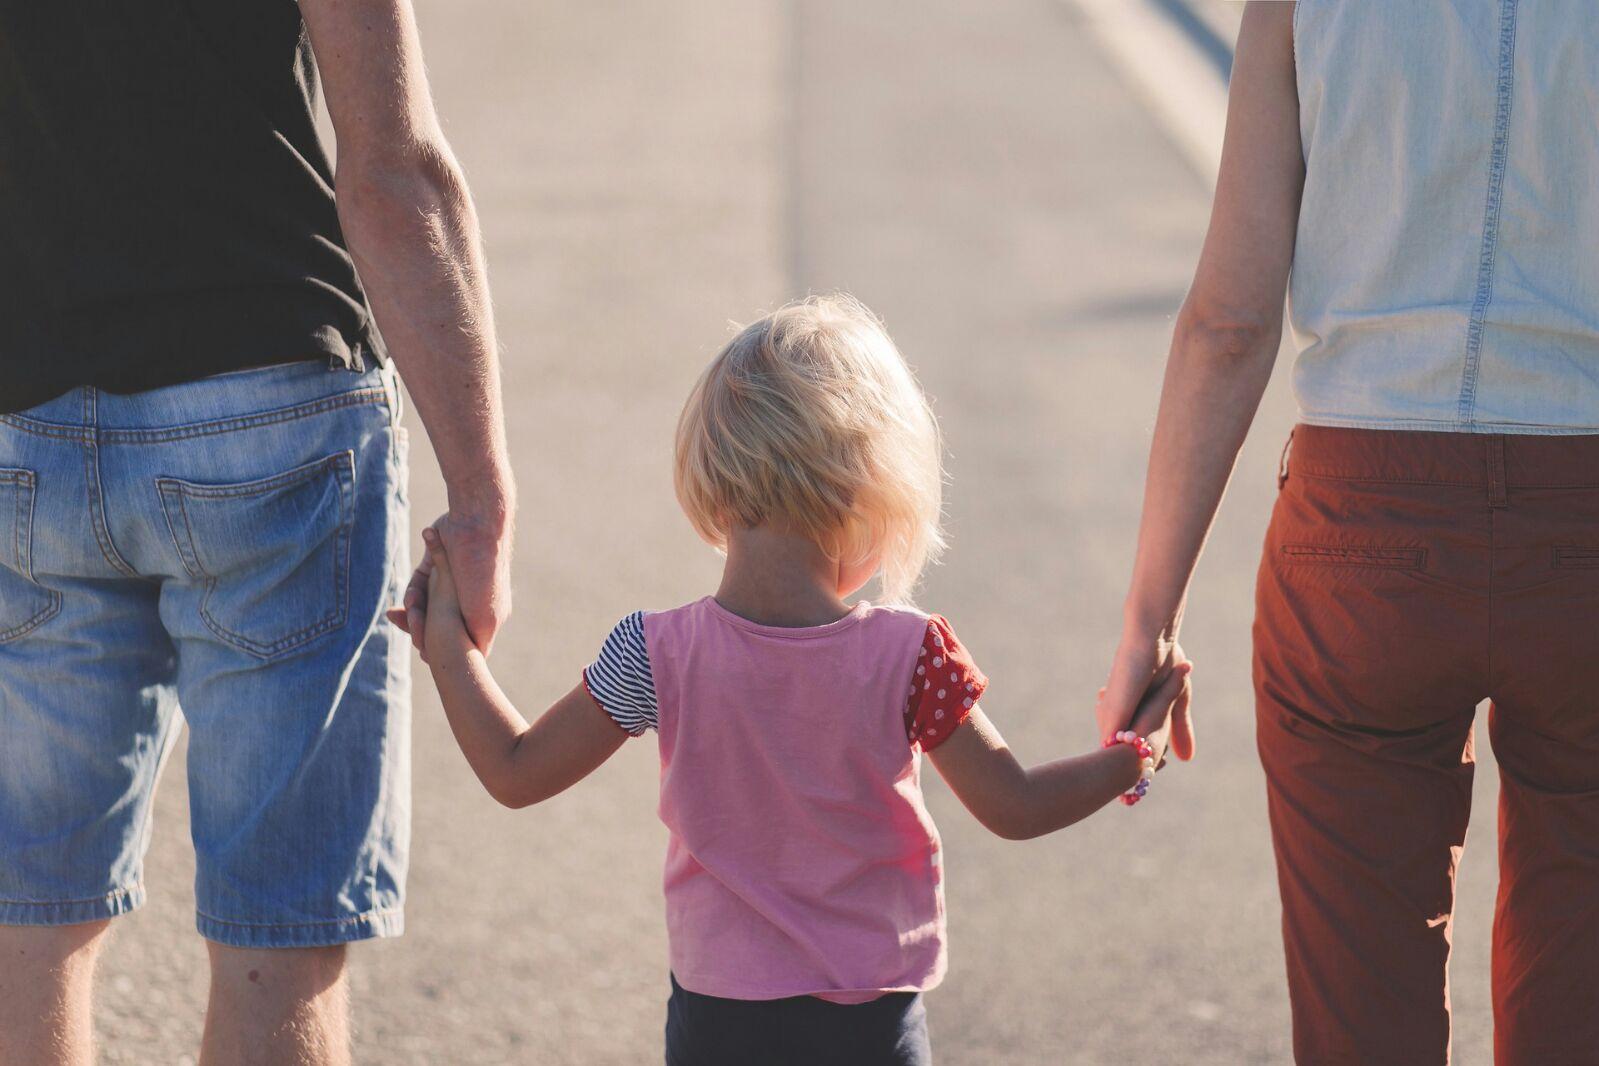 L'affidamento paritario come soluzione per il benessere del minore